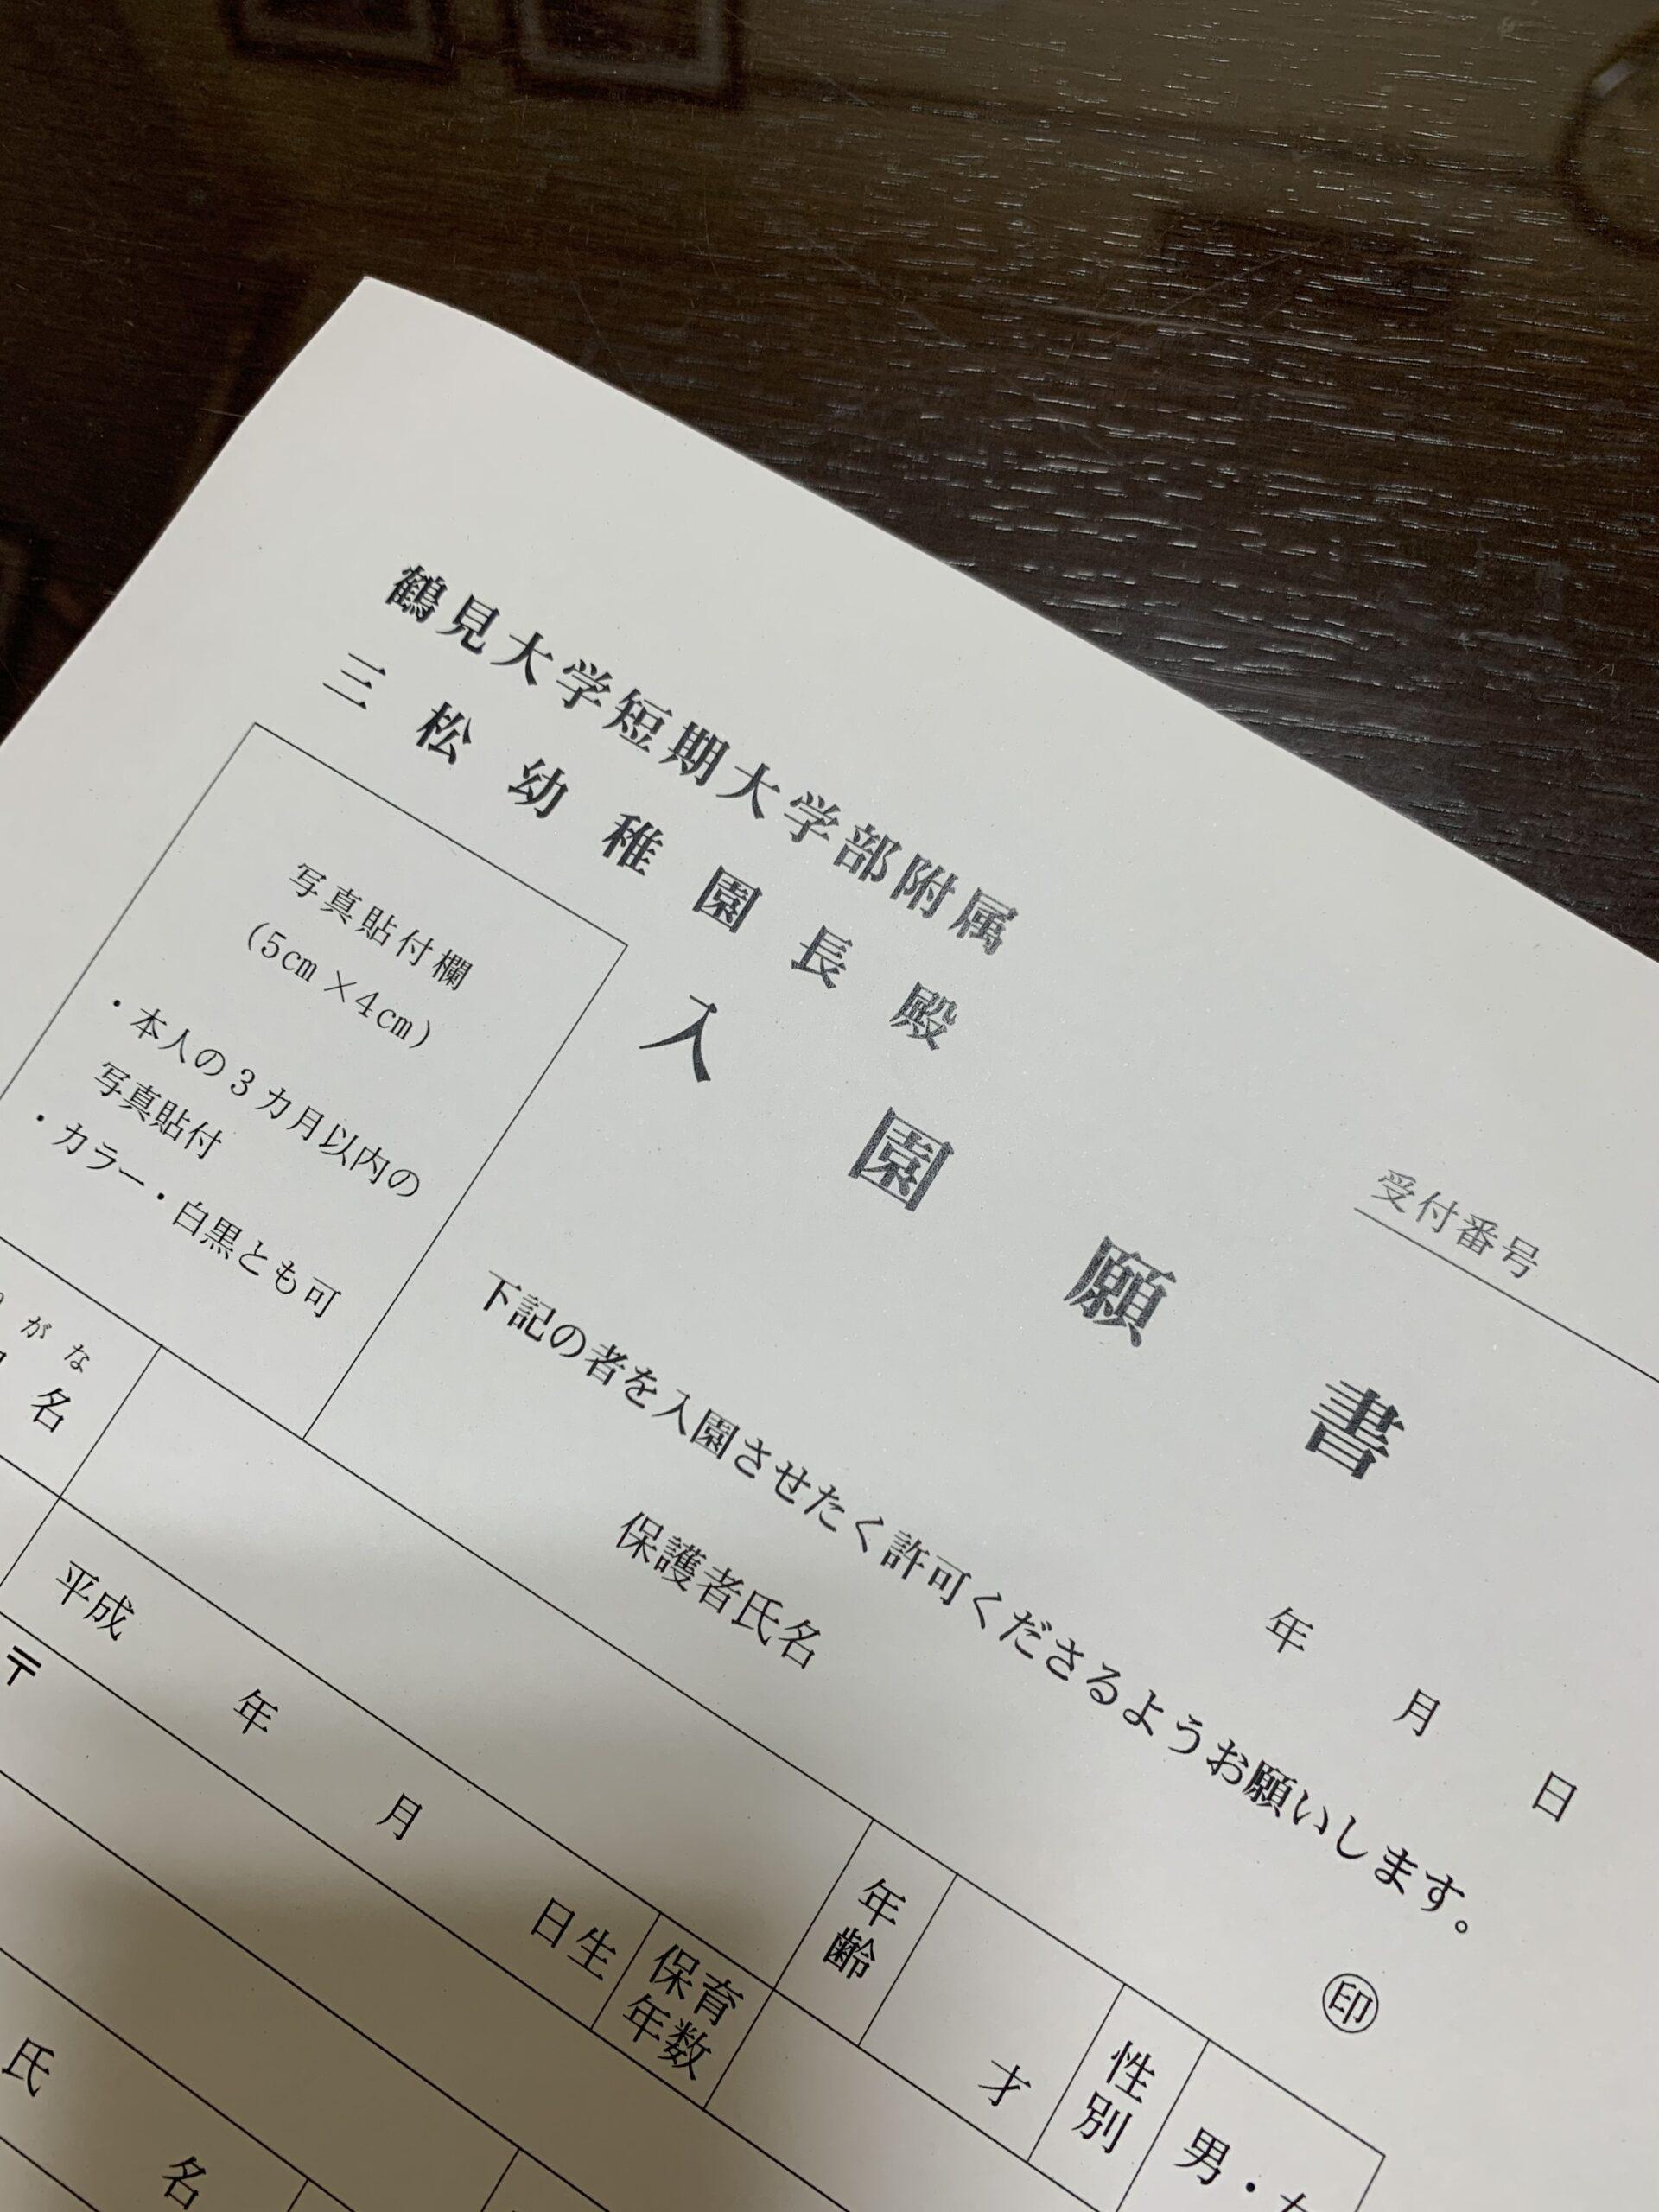 願書配布(10月15日)の配布期間について(終了しました)